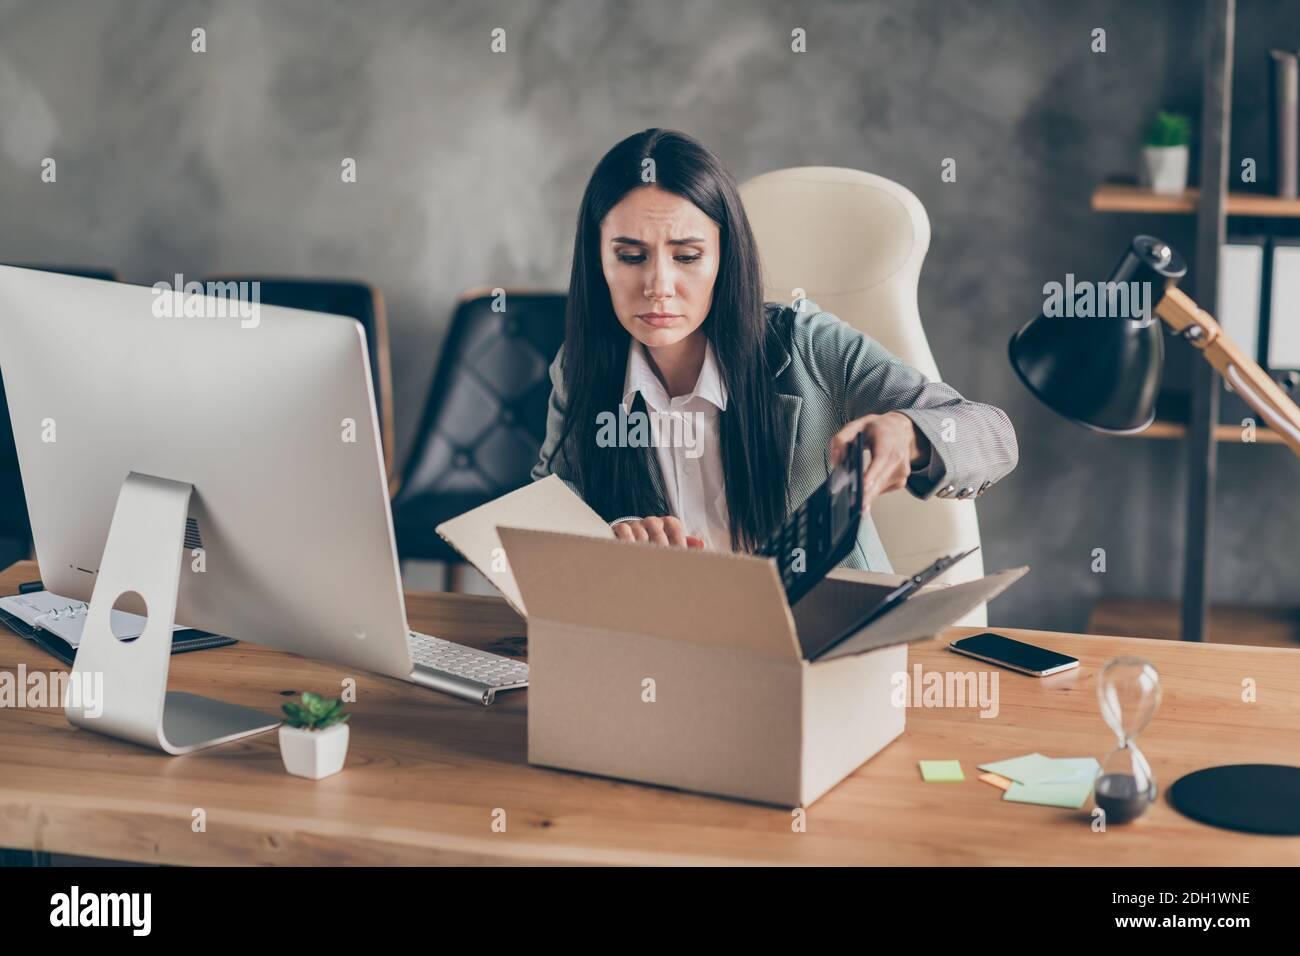 Работа девушка стол алена корнева